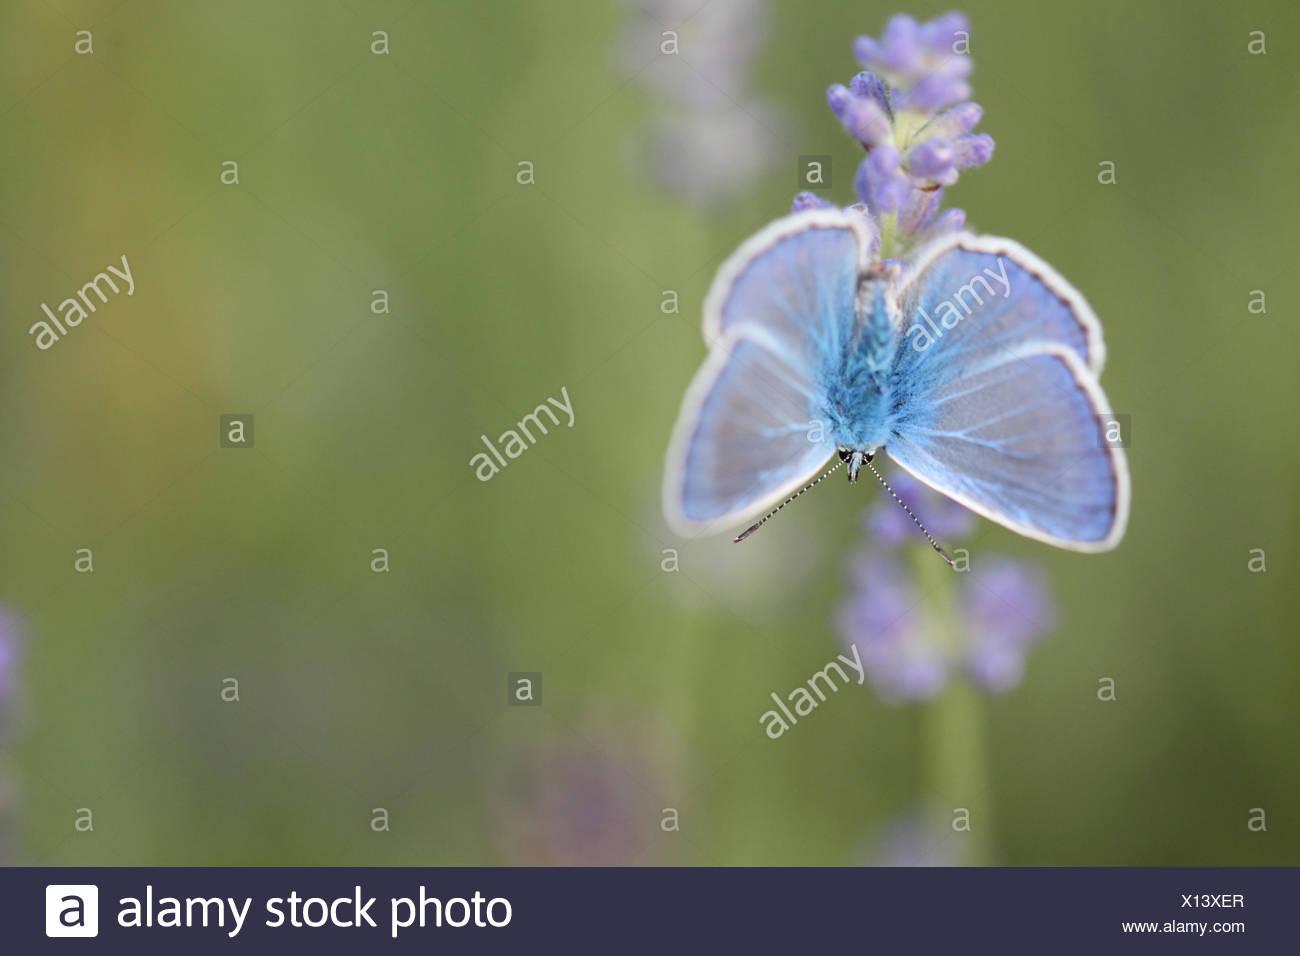 Porträt eines gemeinsamen blauen Schmetterlings, Polyommatus Icarus, auf einer Blume Lavendel, Lavandula Angustifolia. Stockbild